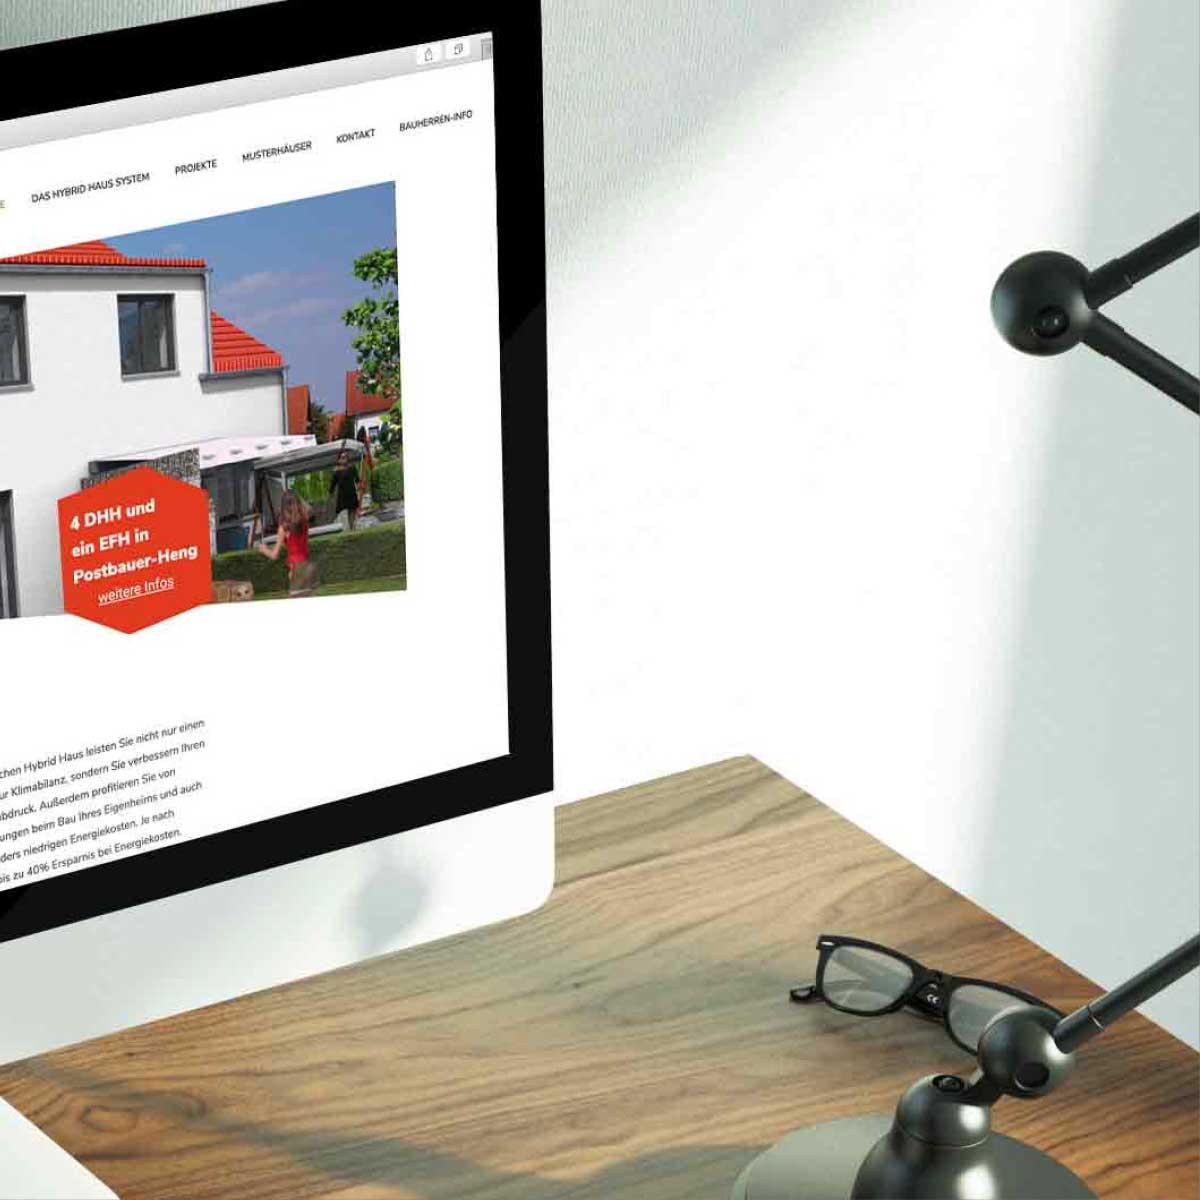 mr. pixel KG | Hybrid Haus| oekologisch bauen2